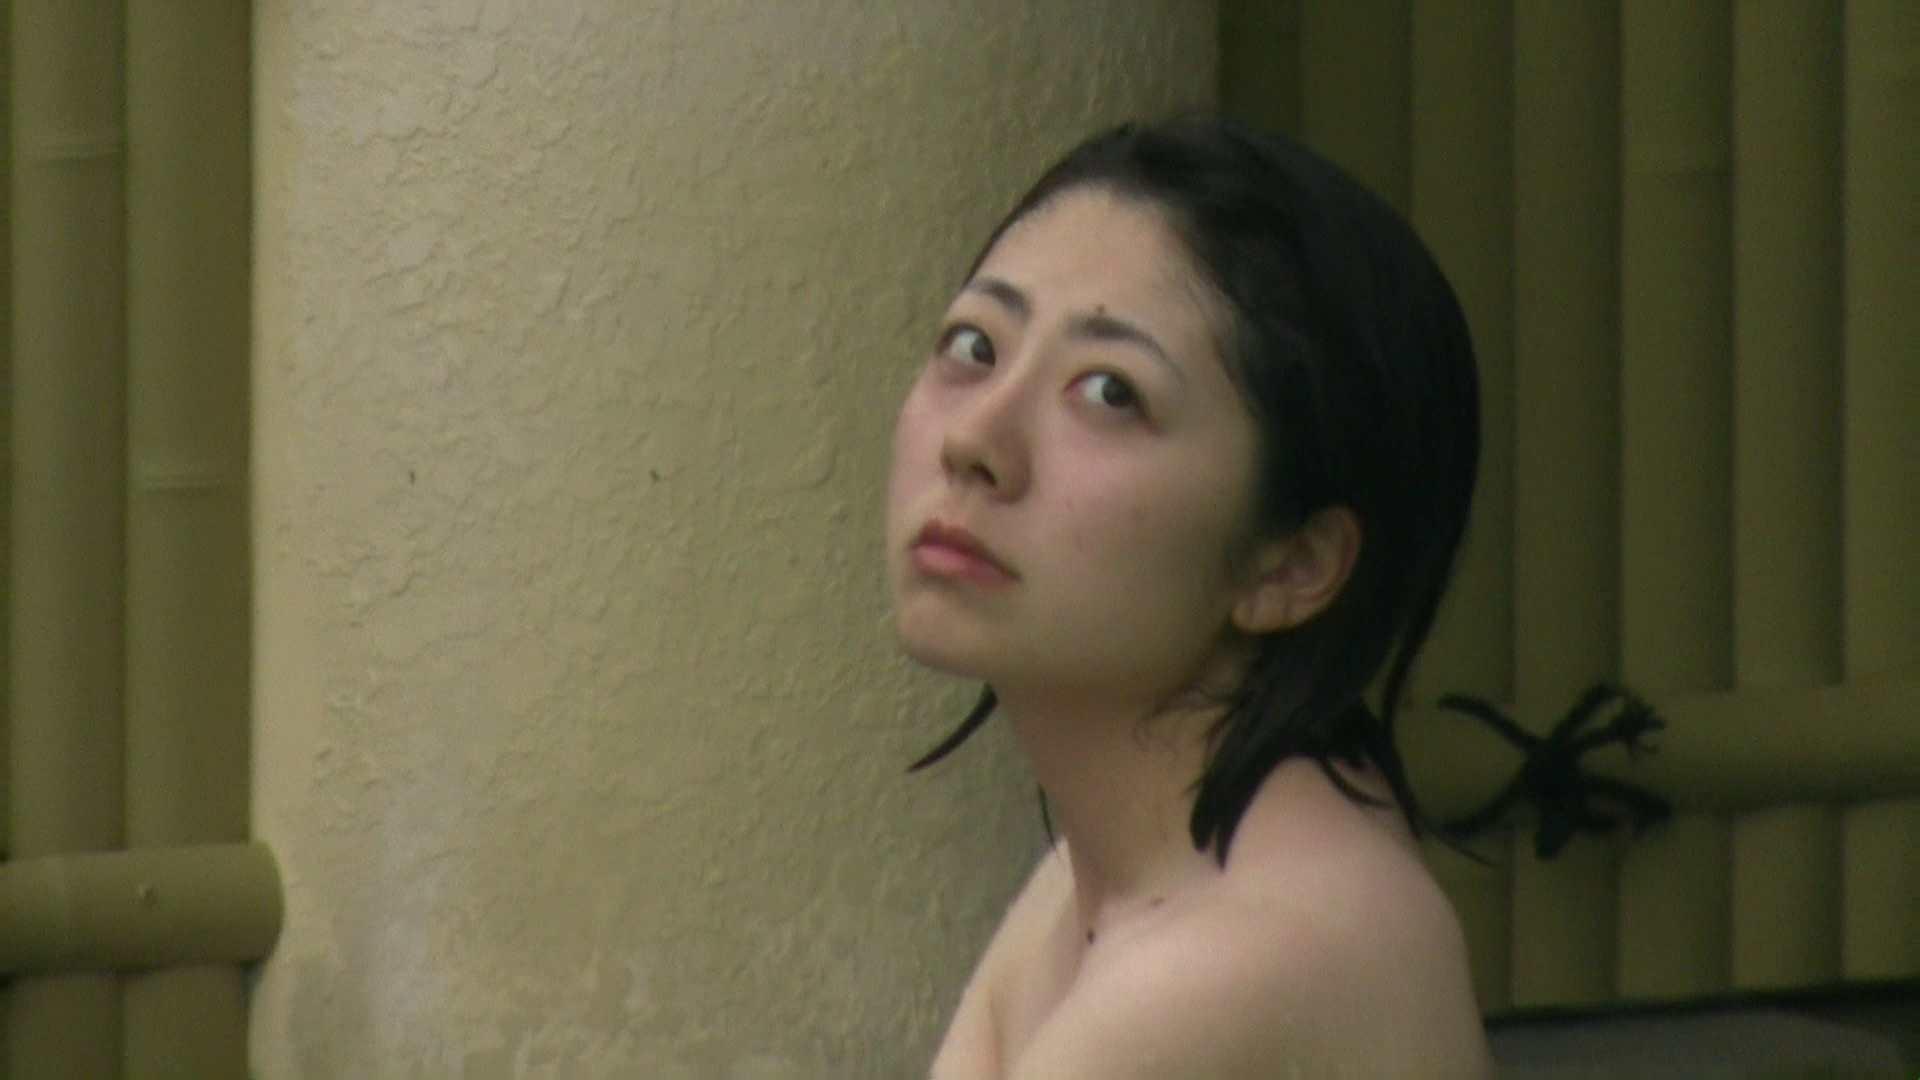 Aquaな露天風呂Vol.04 OLのエロ生活  32連発 3